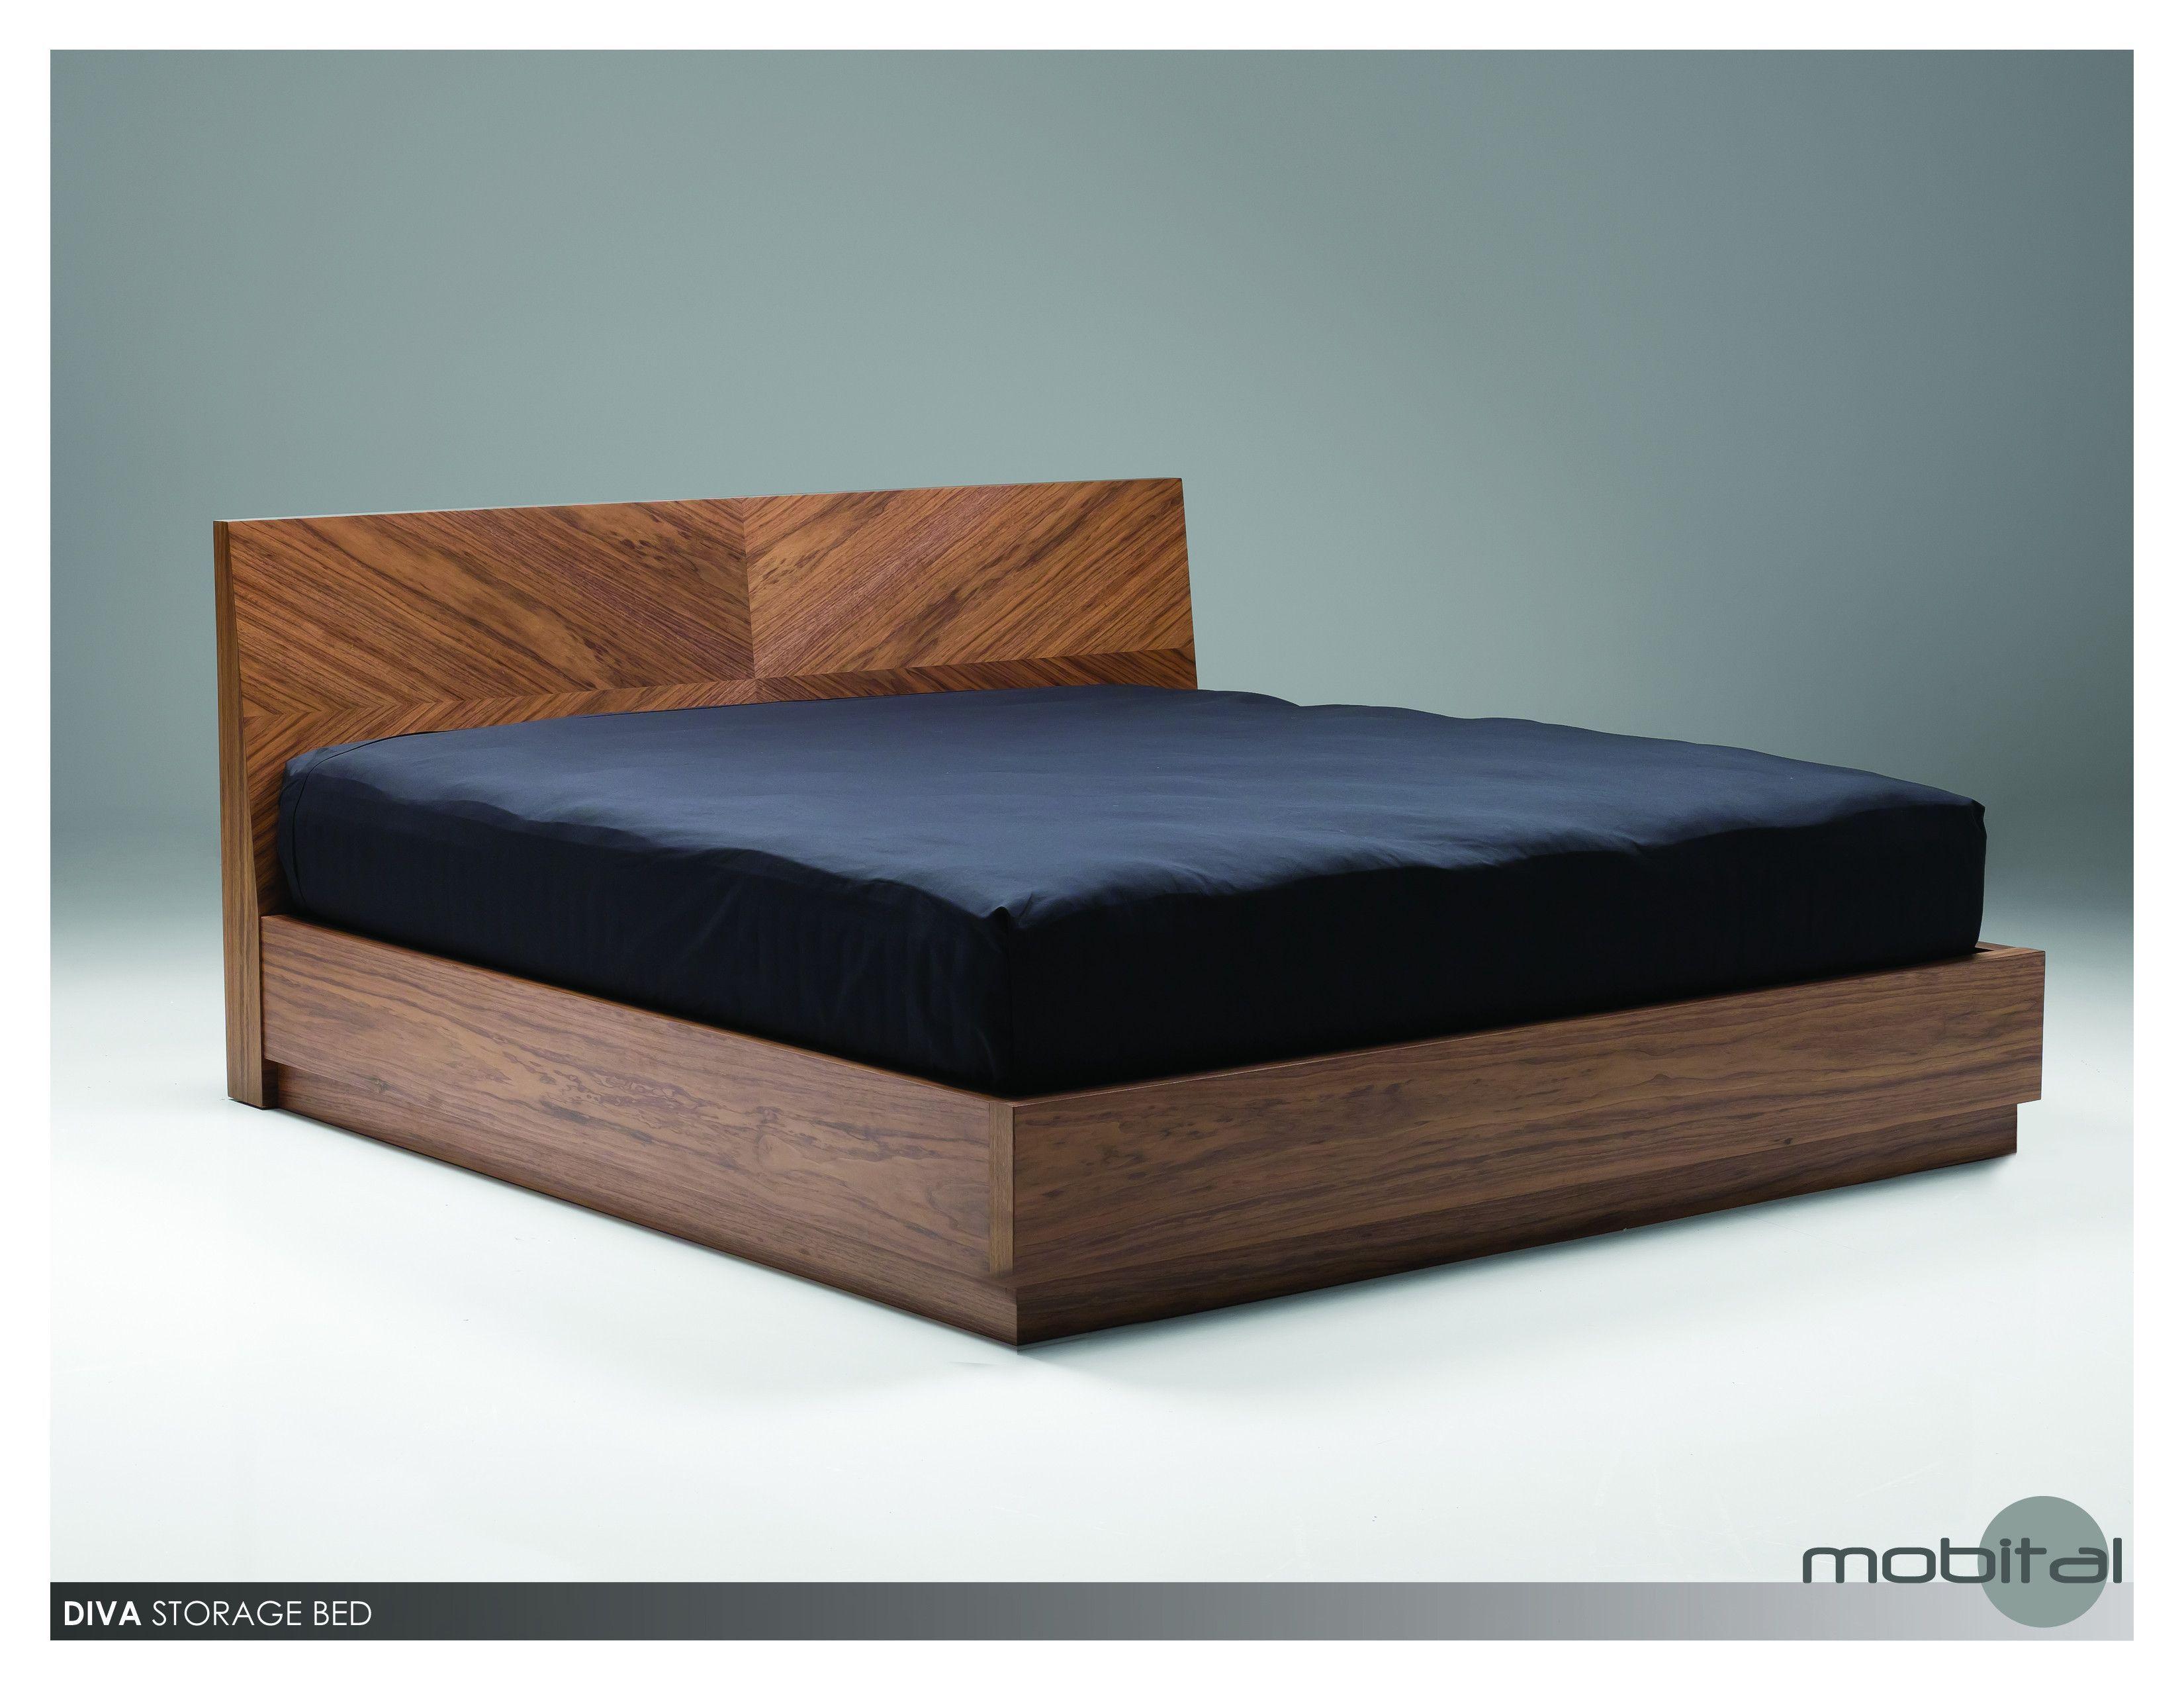 Diva Storage Bed King Wood Slats (Walnut)